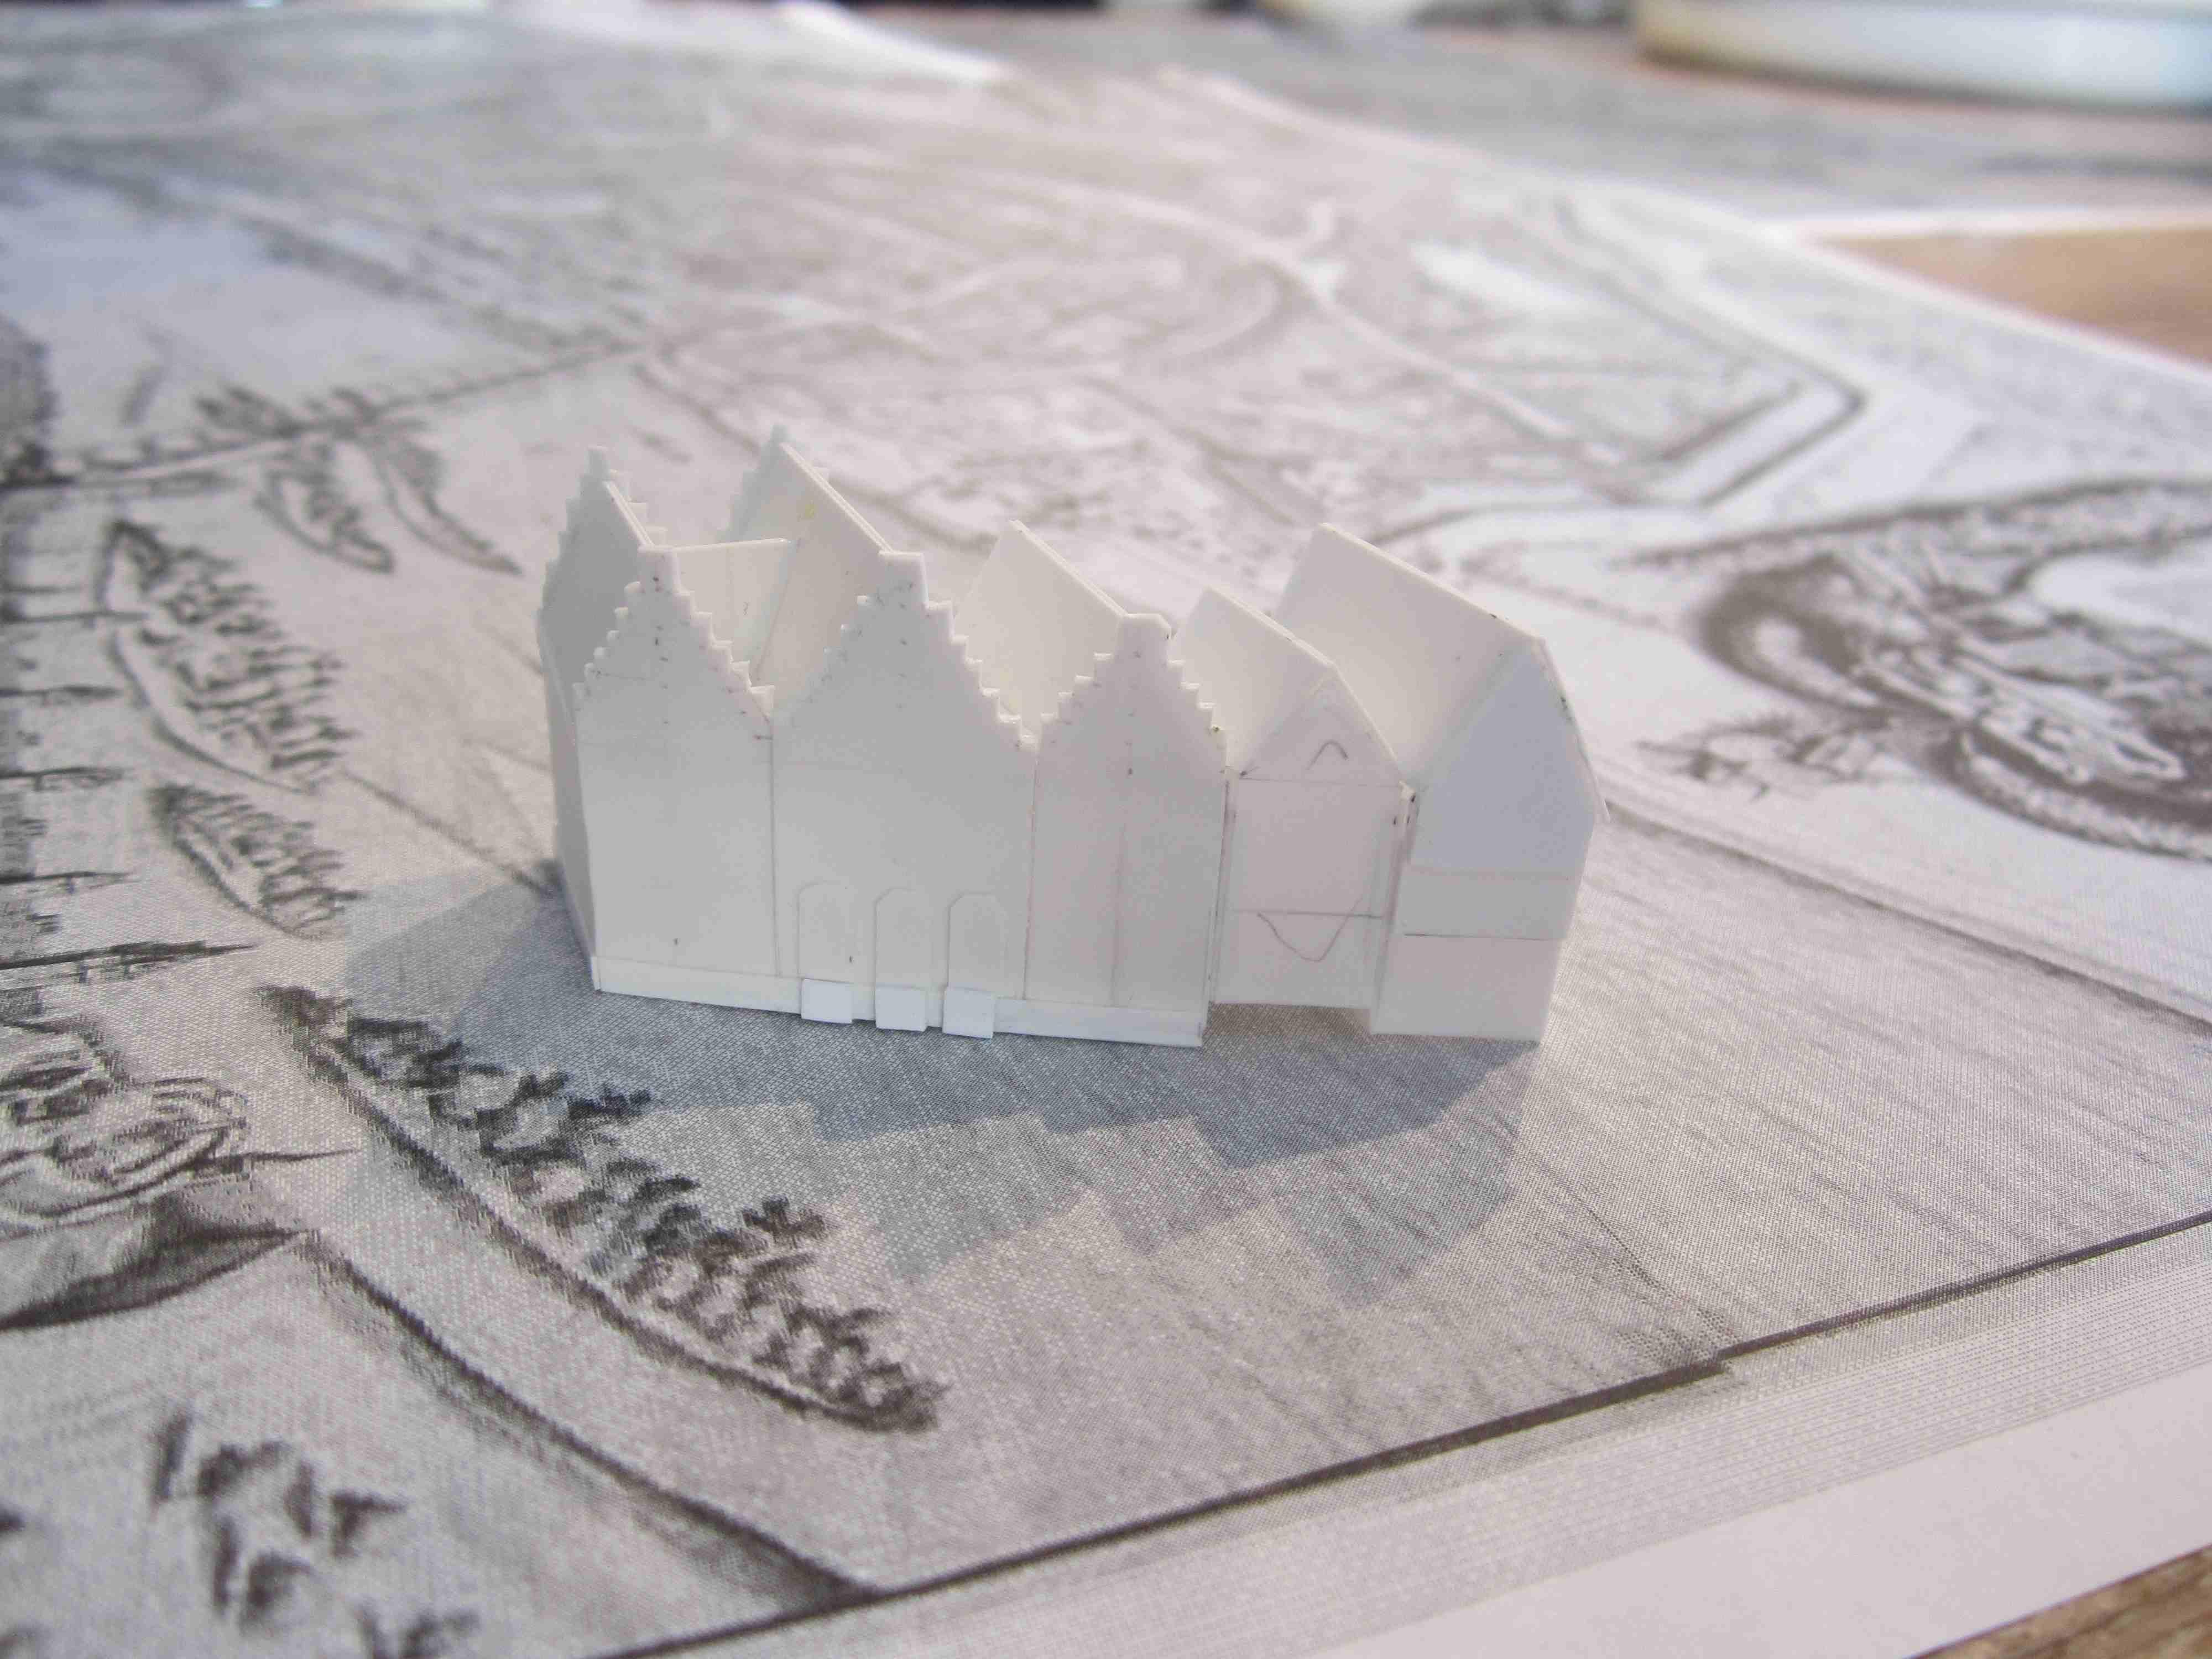 historisches museum frankfurt: 3 D-Merianplan - der Römer in Arbeit